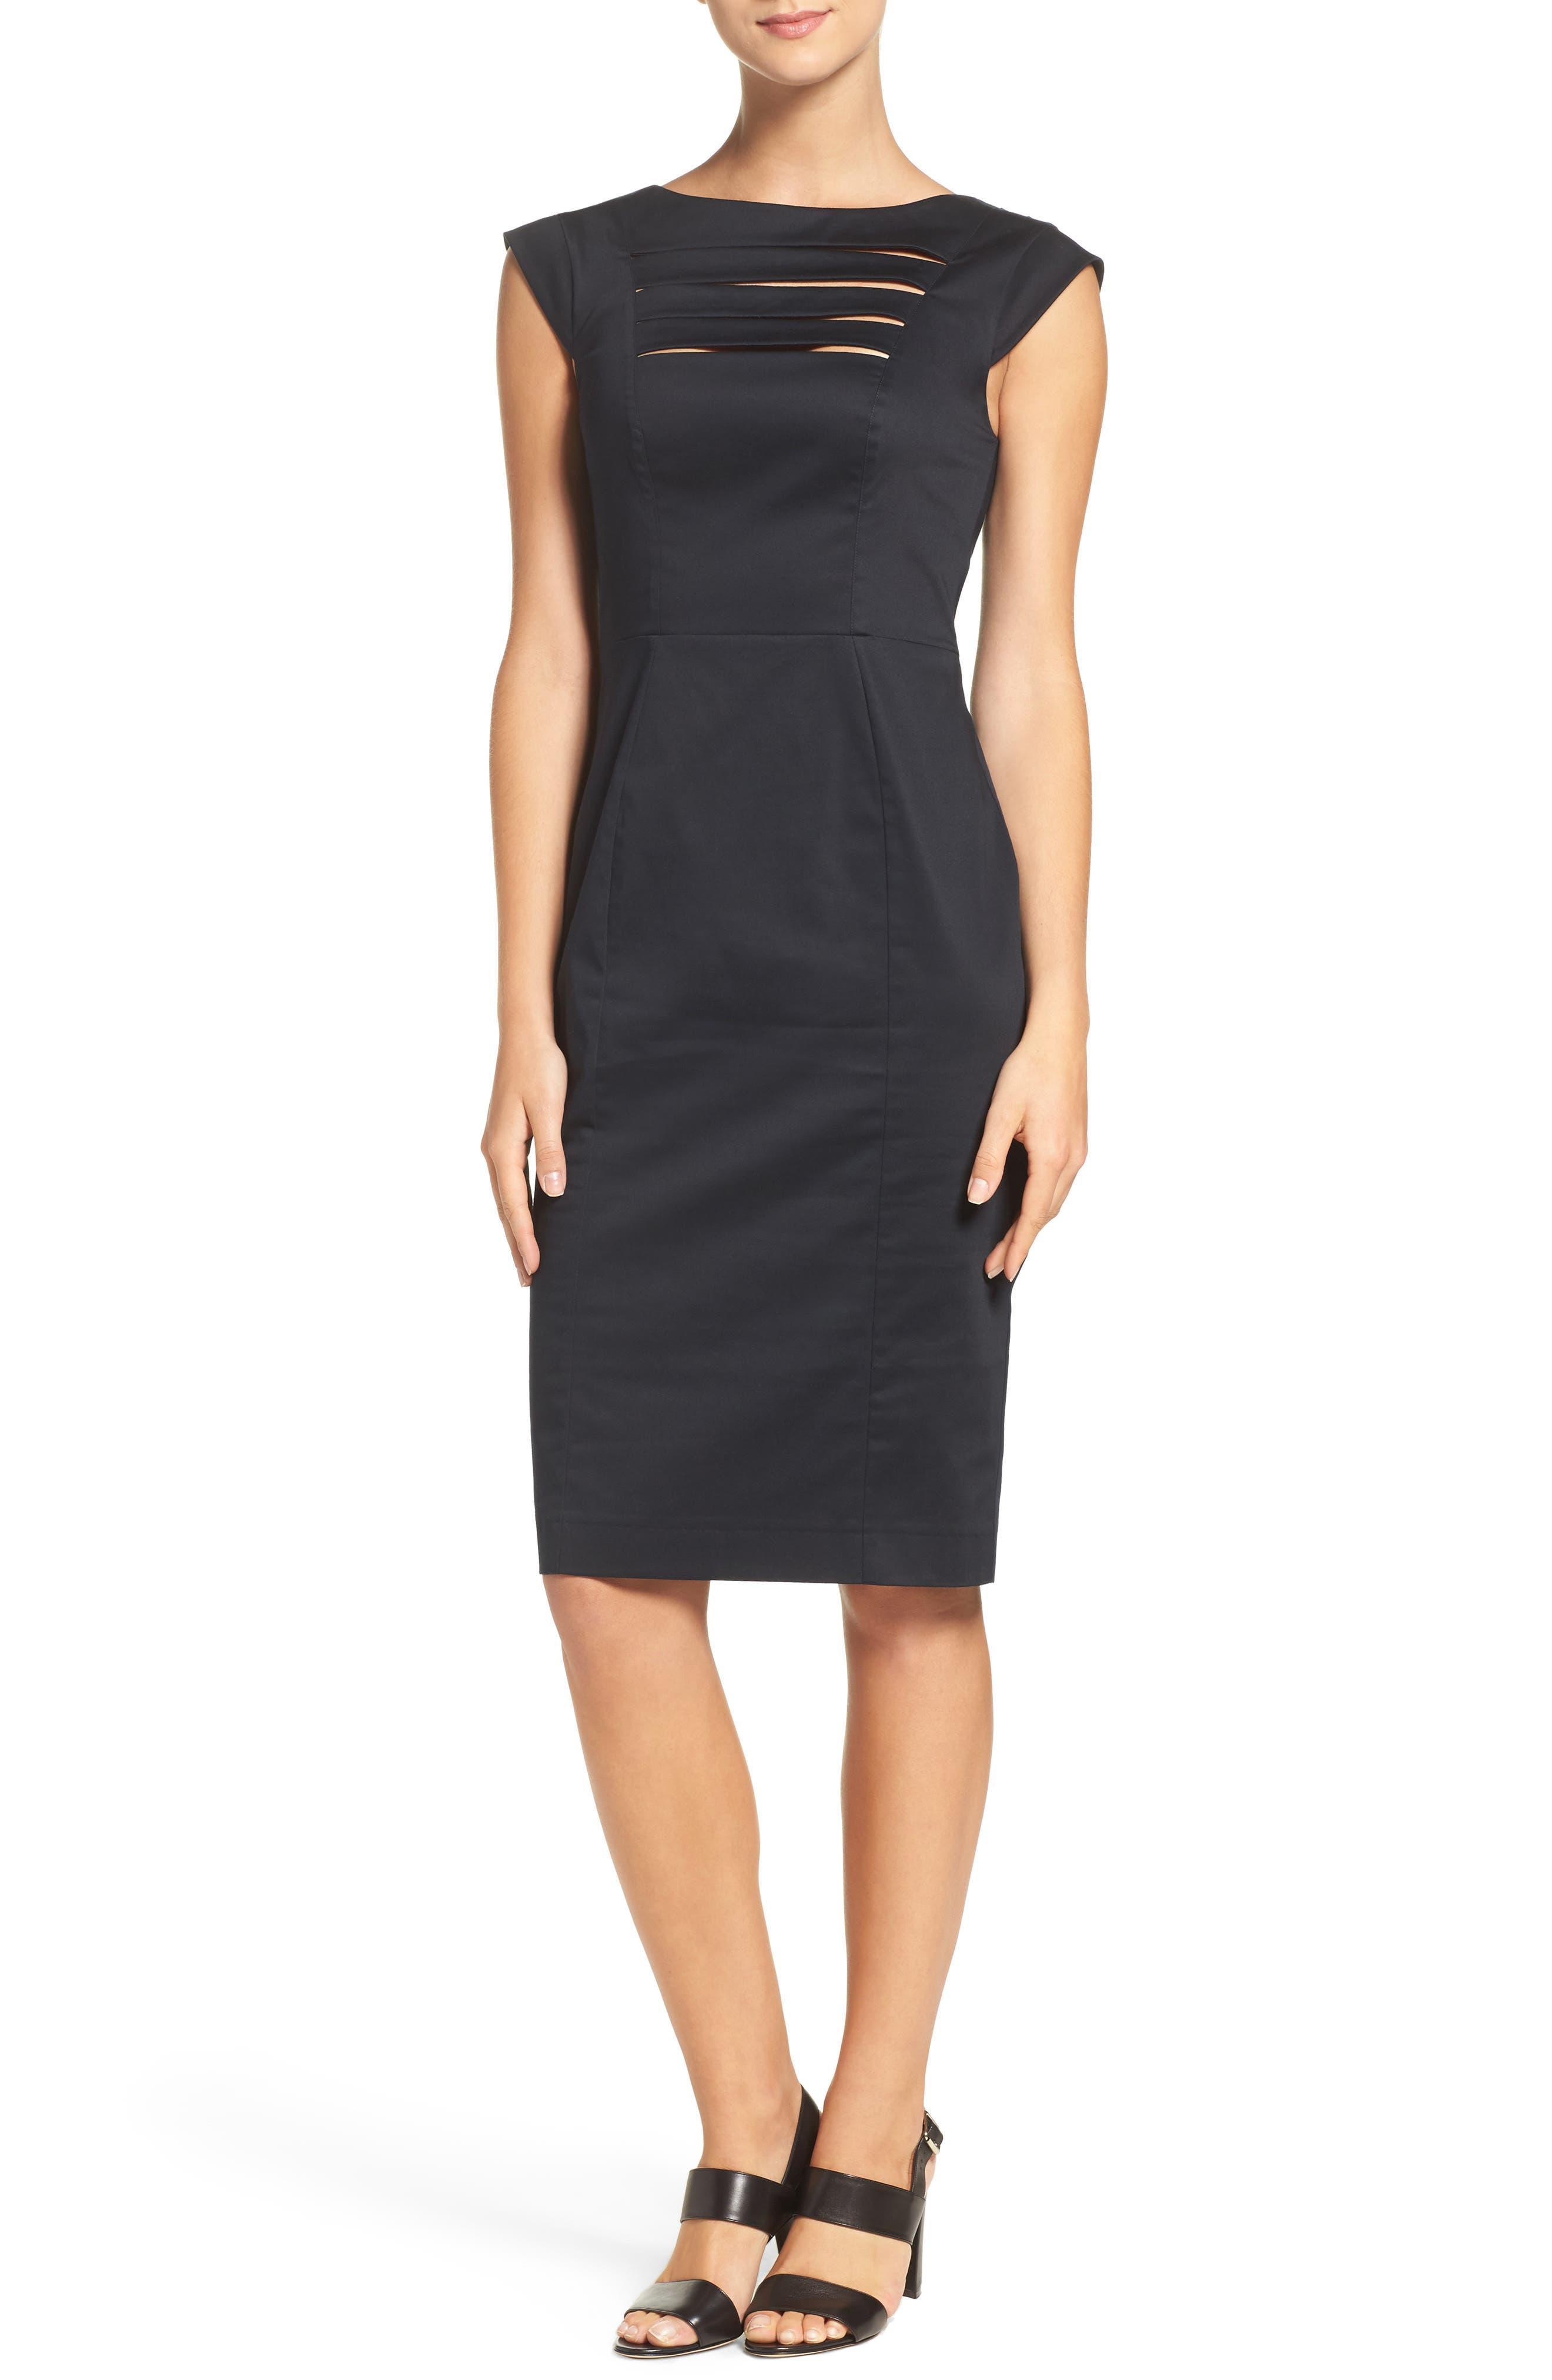 'Estelle' Cutout Cotton Blend Sheath Dress,                             Alternate thumbnail 4, color,                             Black/ Black